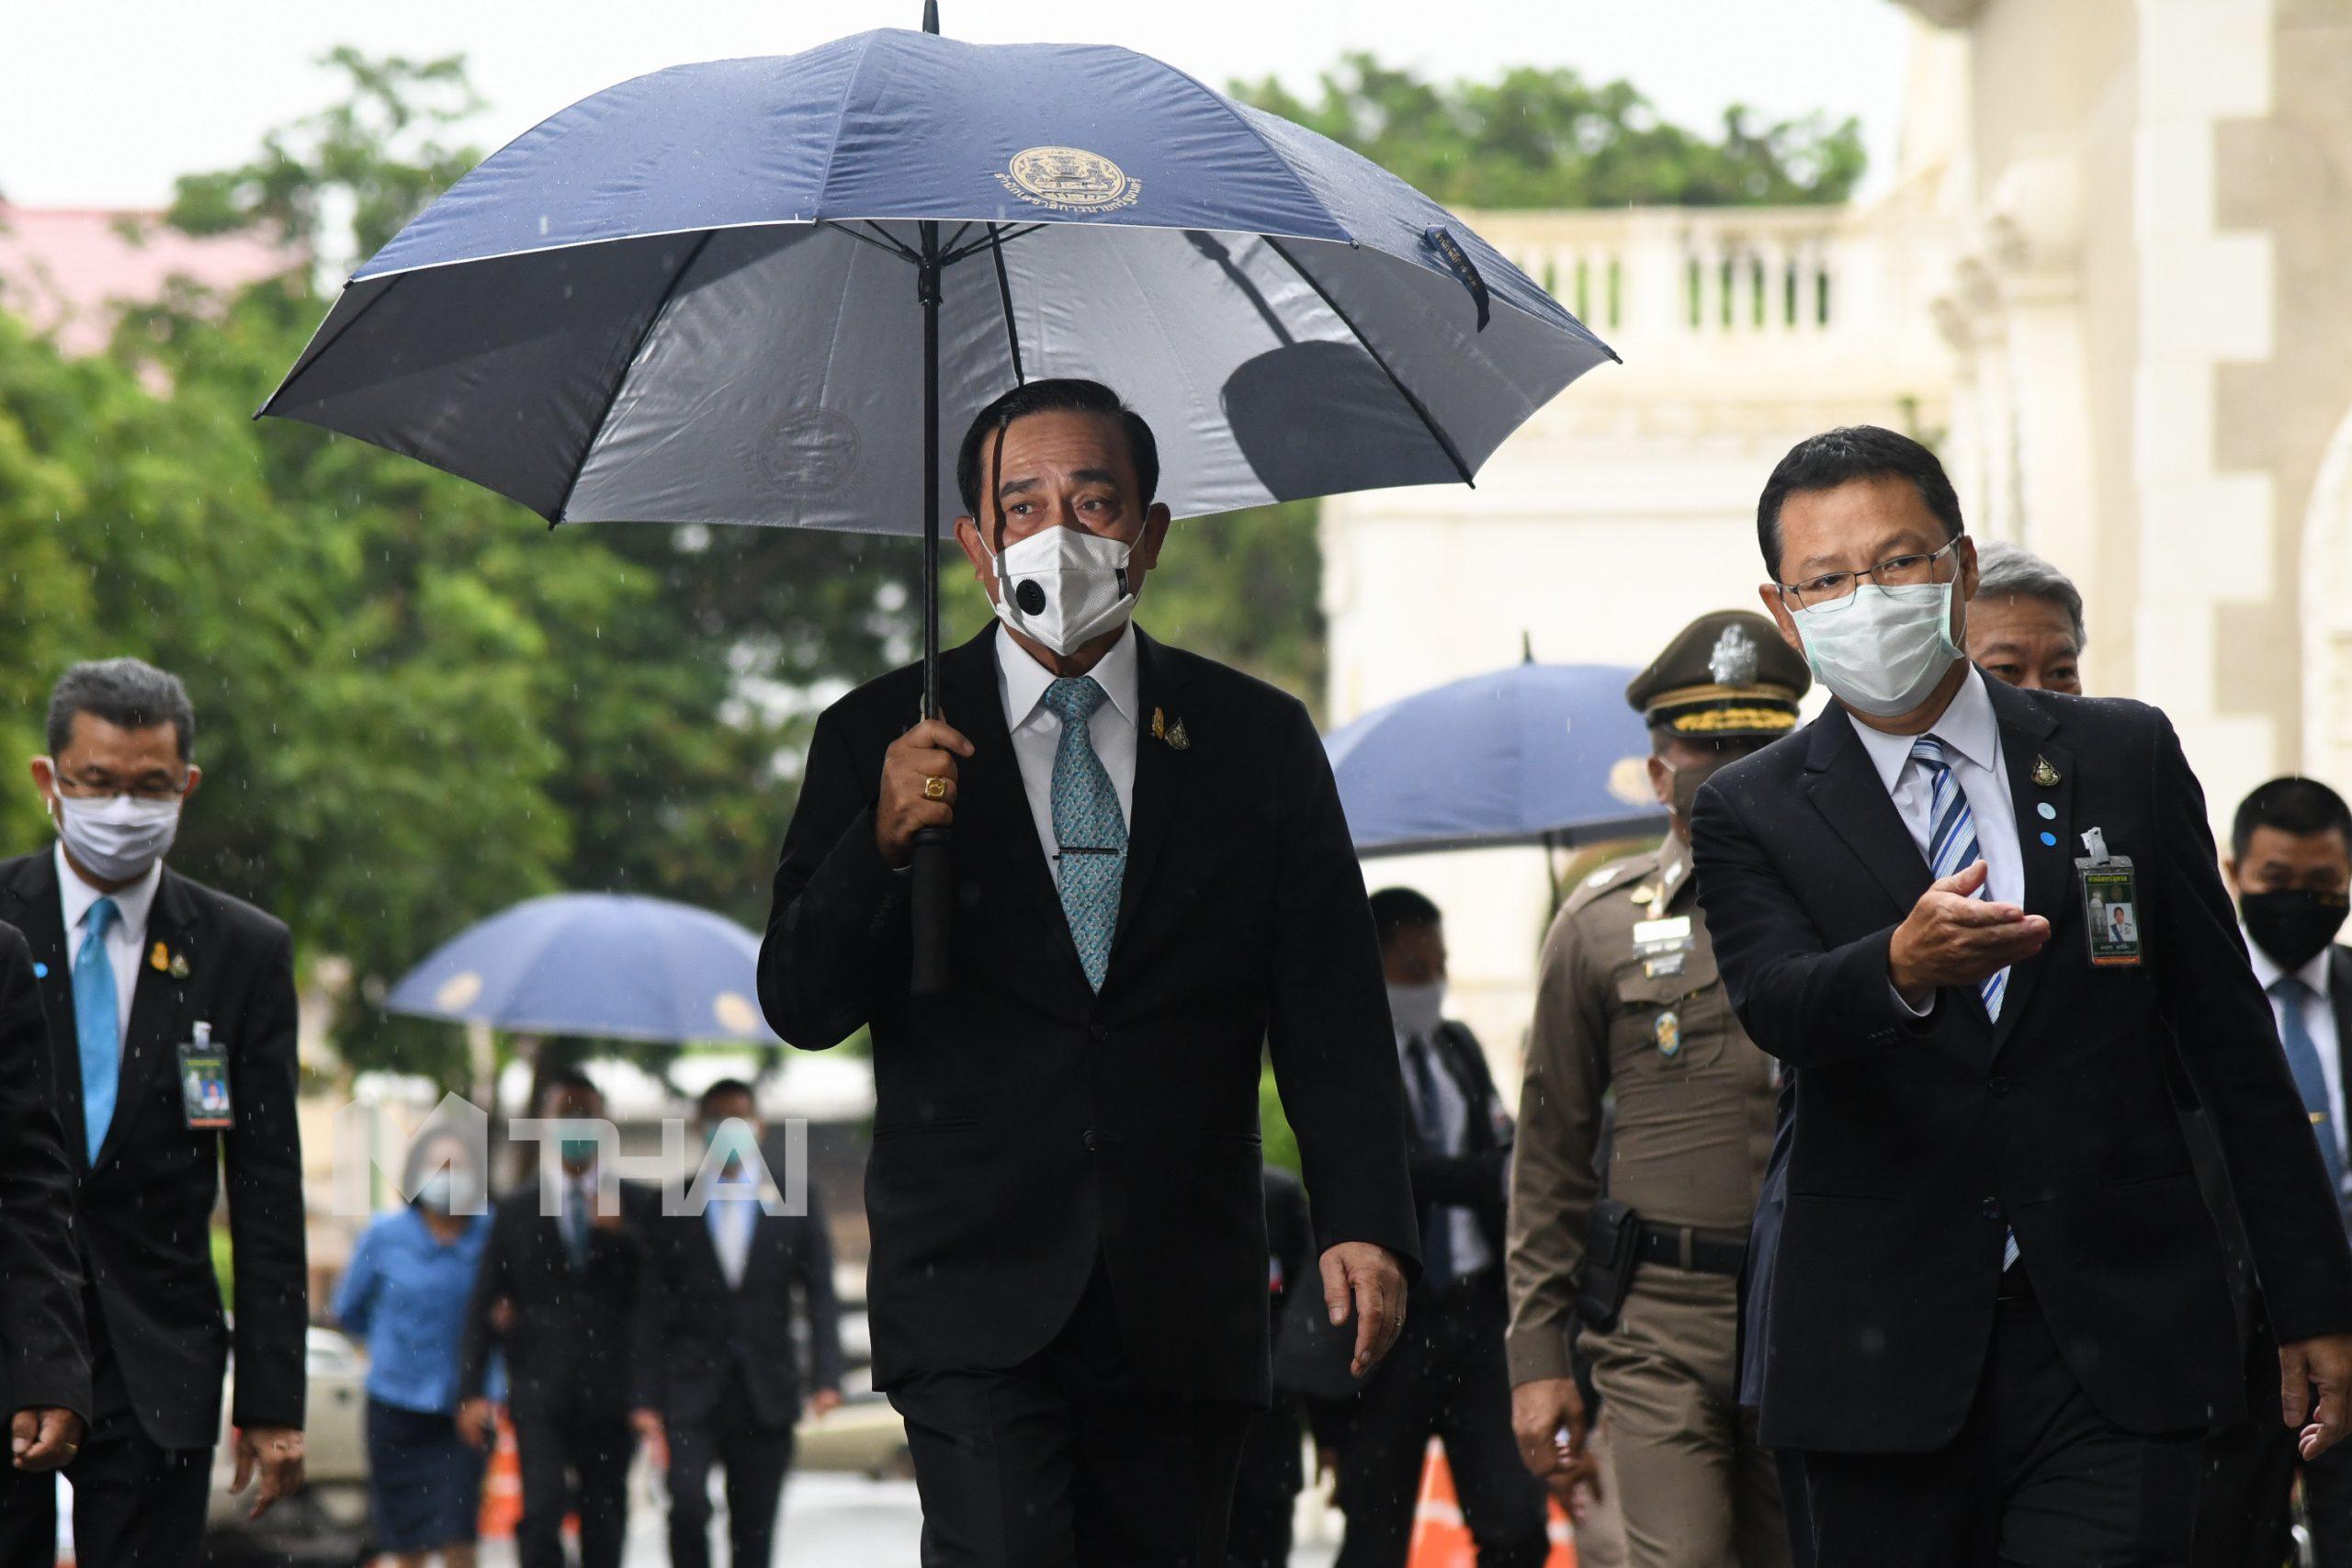 กล้องถ่ายรูป ทำเนียบรัฐบาล นายกรัฐมนตรี ประยุทธ์ จันทร์โอชา ฝนตก เล่าเรื่องภาพ